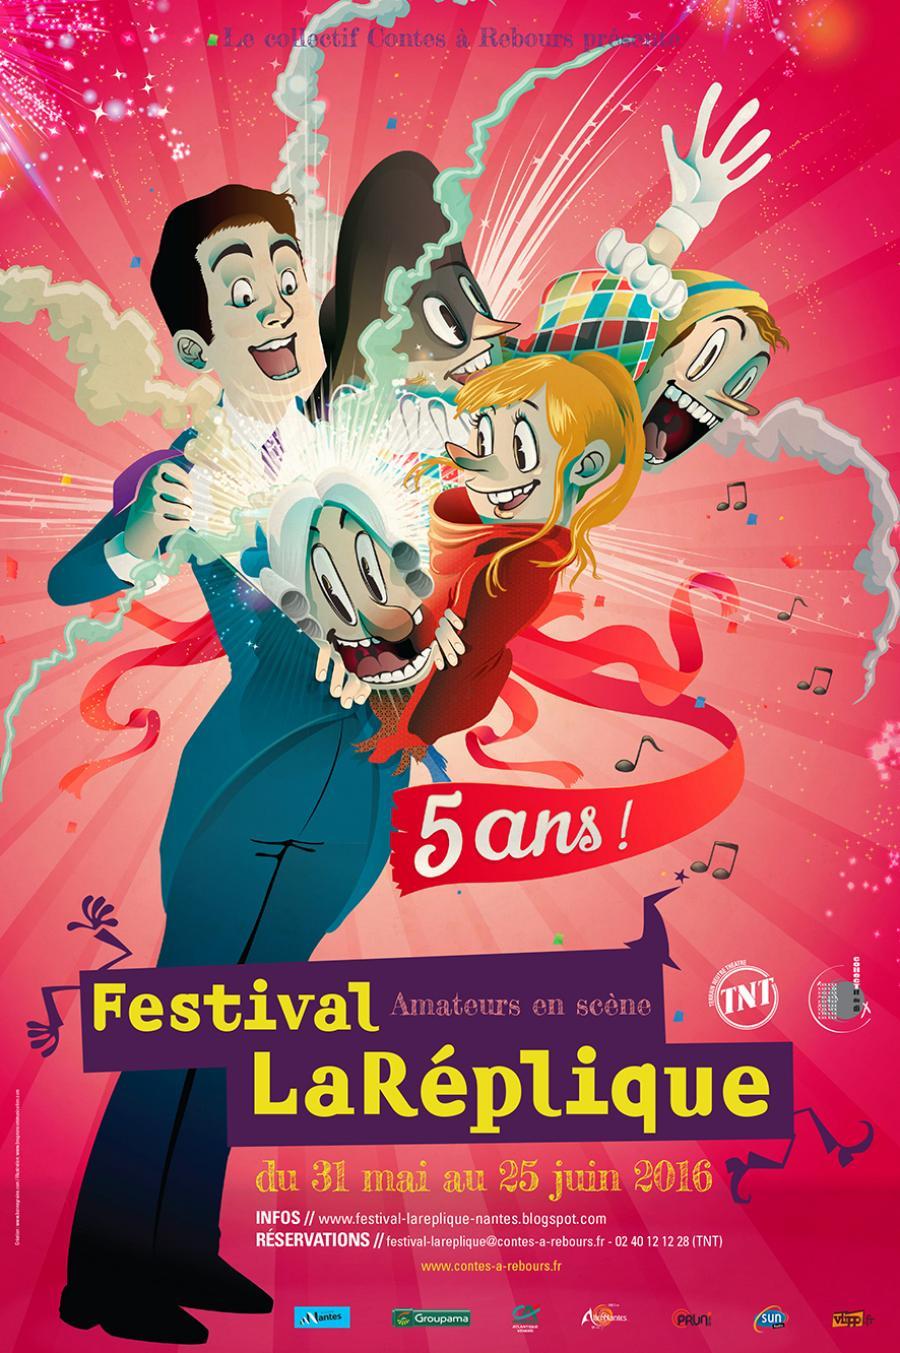 Spectacle festival lar plique nantes du 7 au 25 juin 2016 for 25 juin 2016